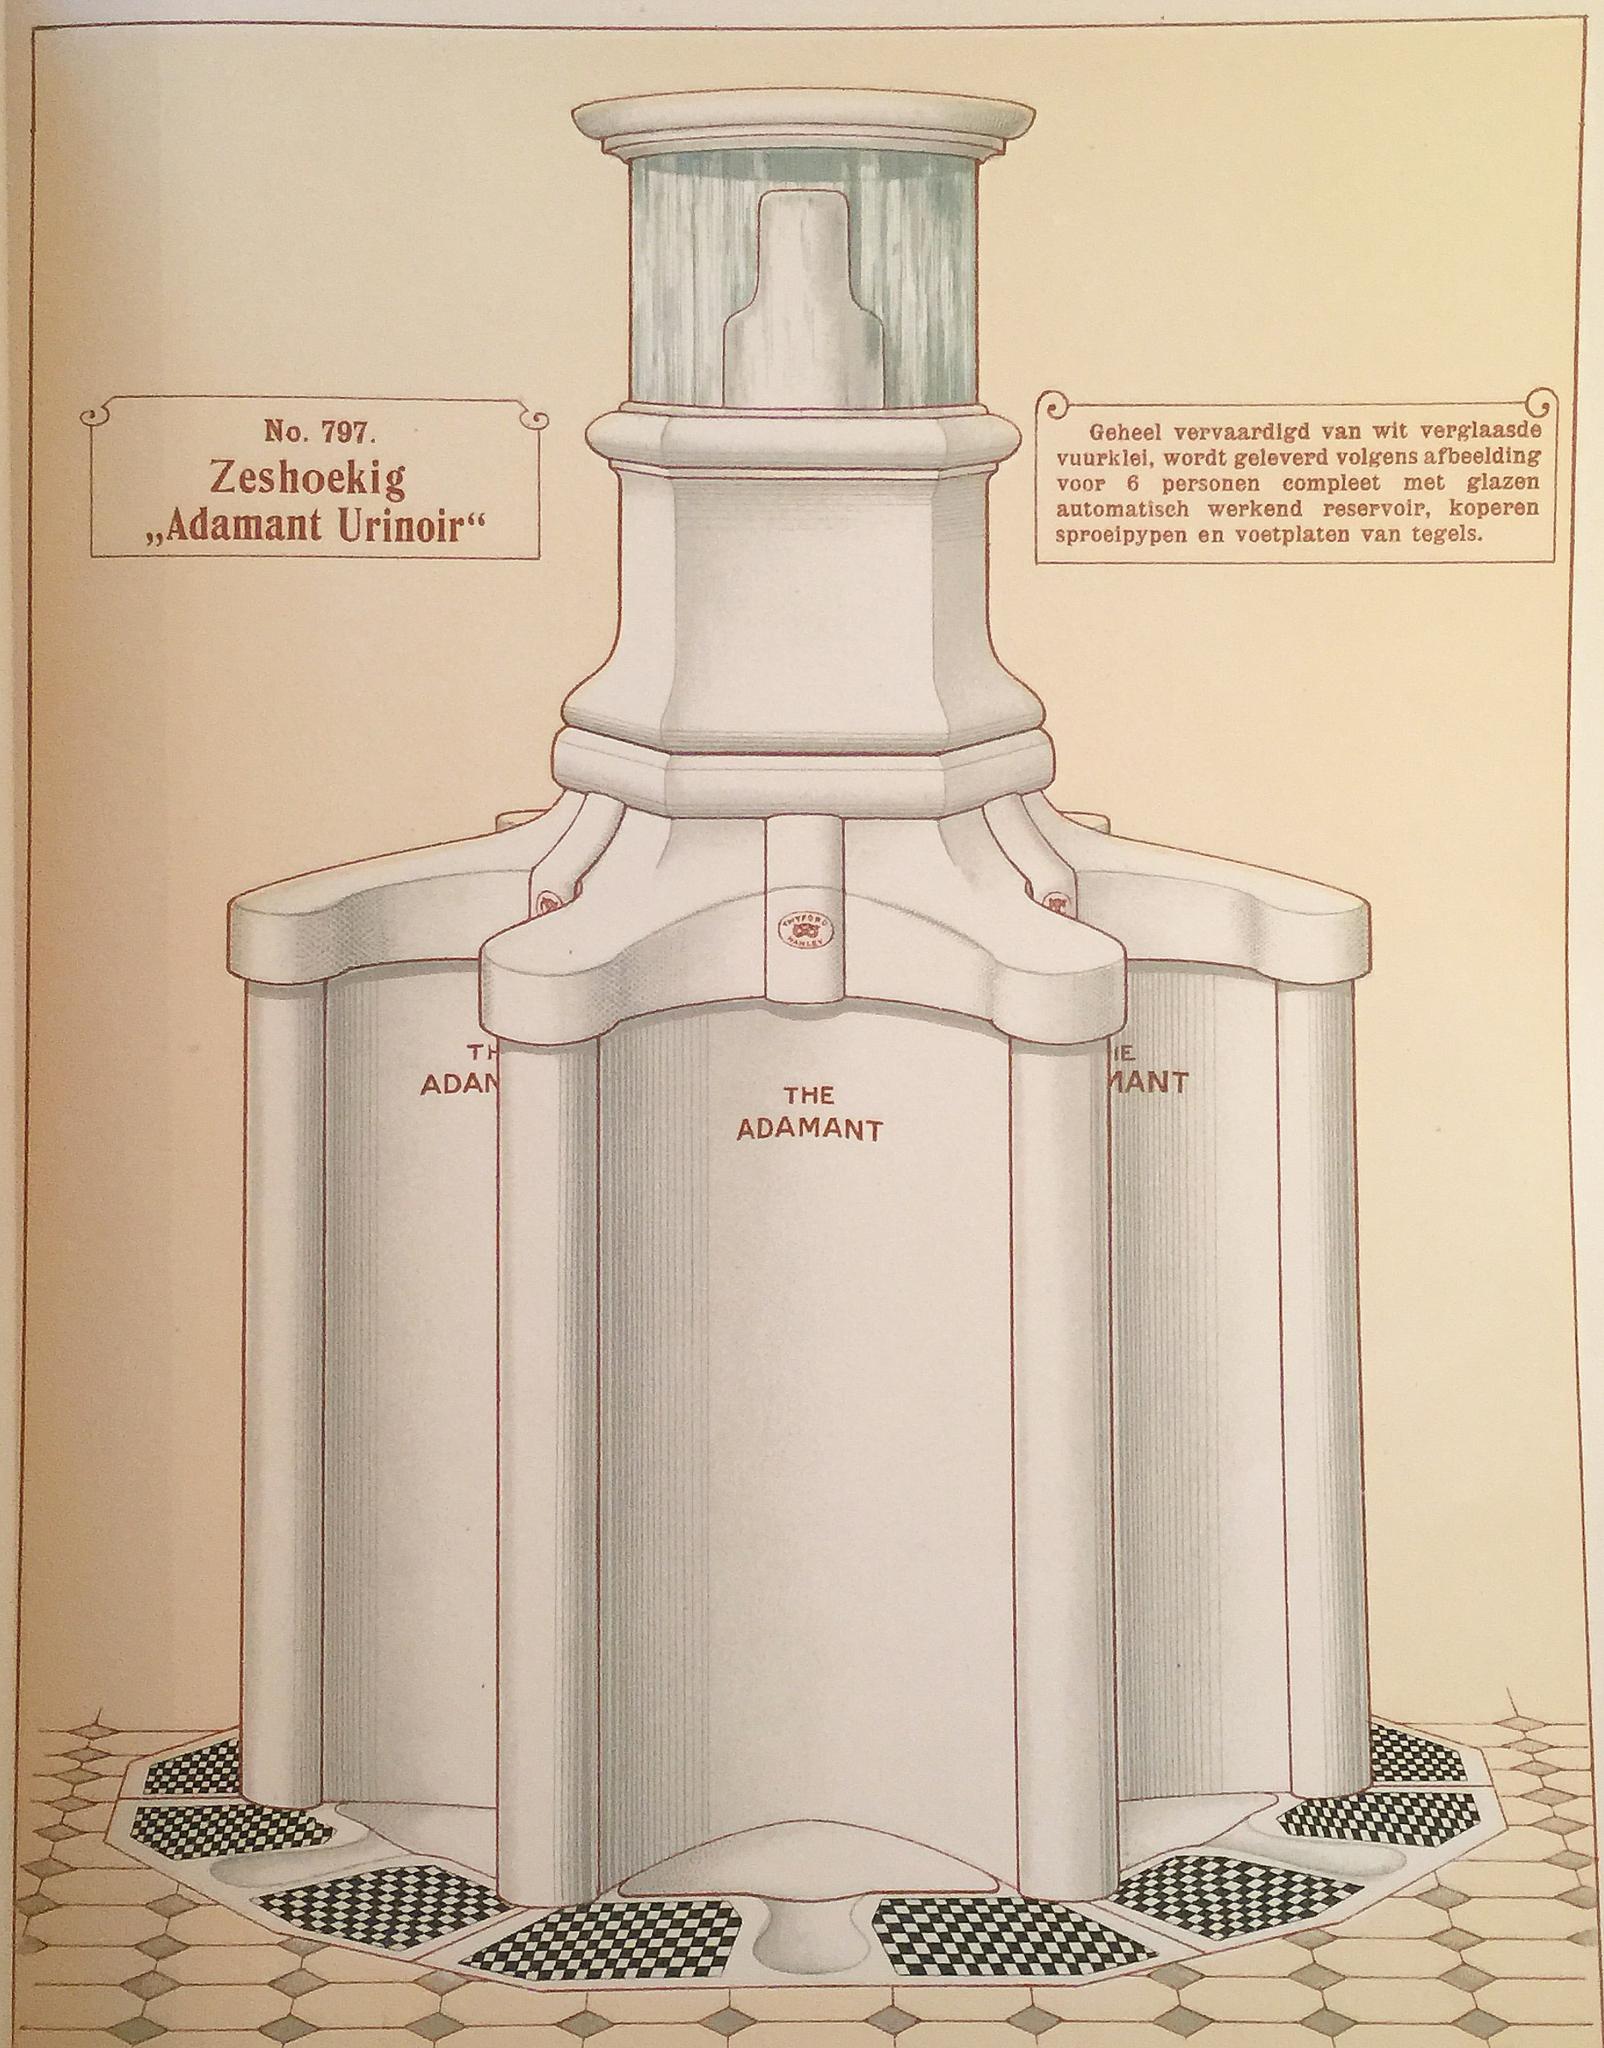 Rond urinoir Adamant van de firma Twyford's voor publieke gelegenheden